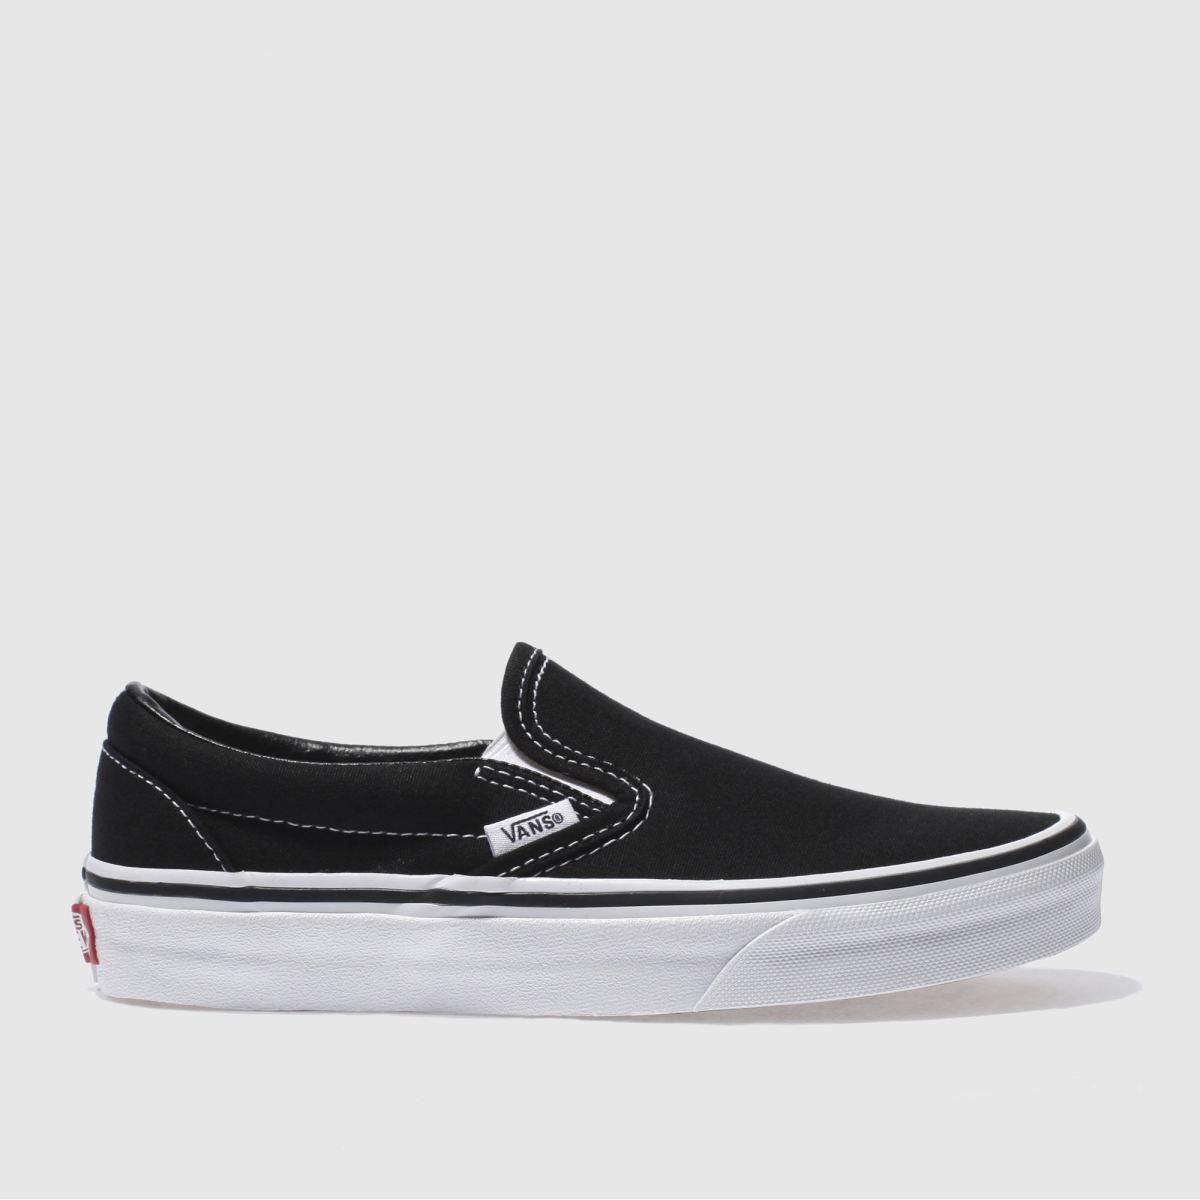 Vans Black & White Classic Slip Vi Trainers